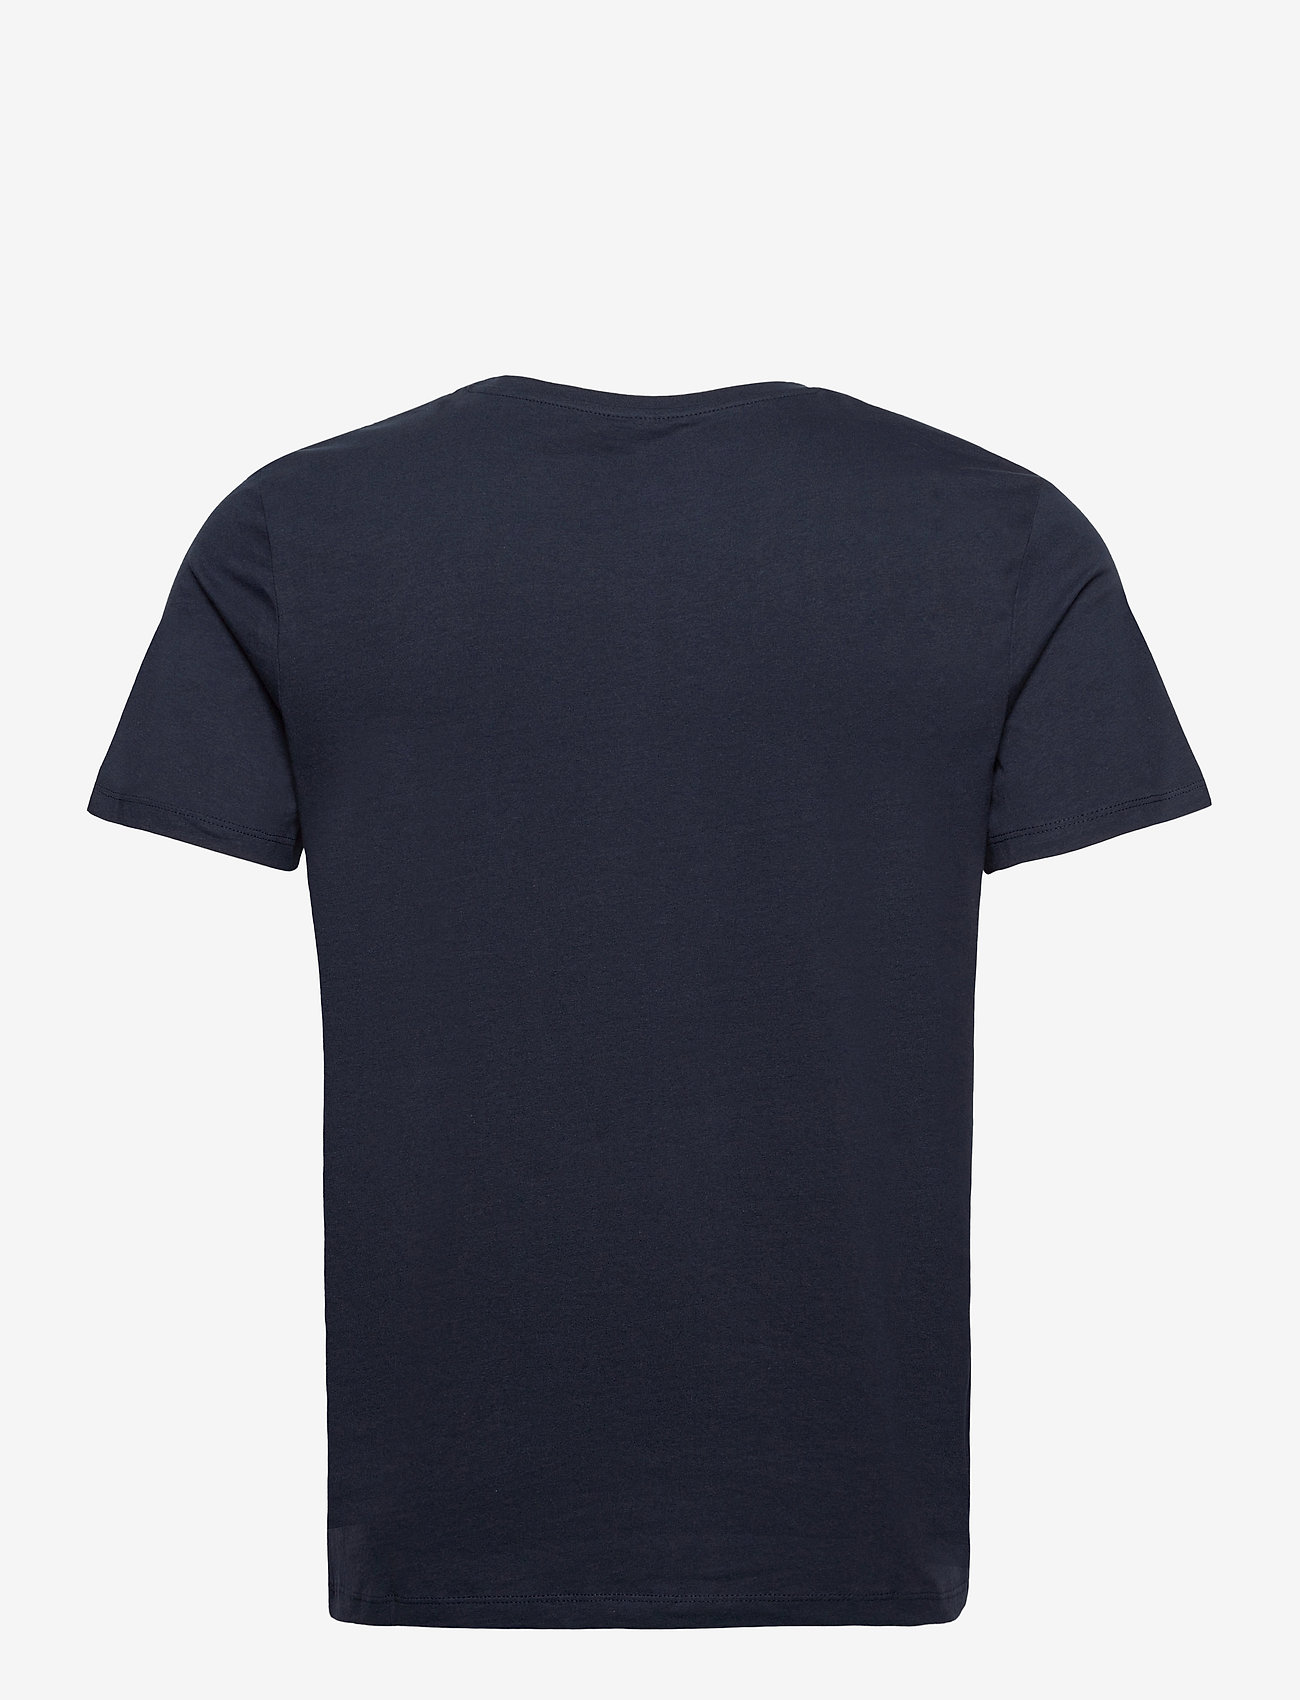 Jack & Jones - JORNATURE TEE SS CREW NECK - kortärmade t-shirts - navy blazer - 1